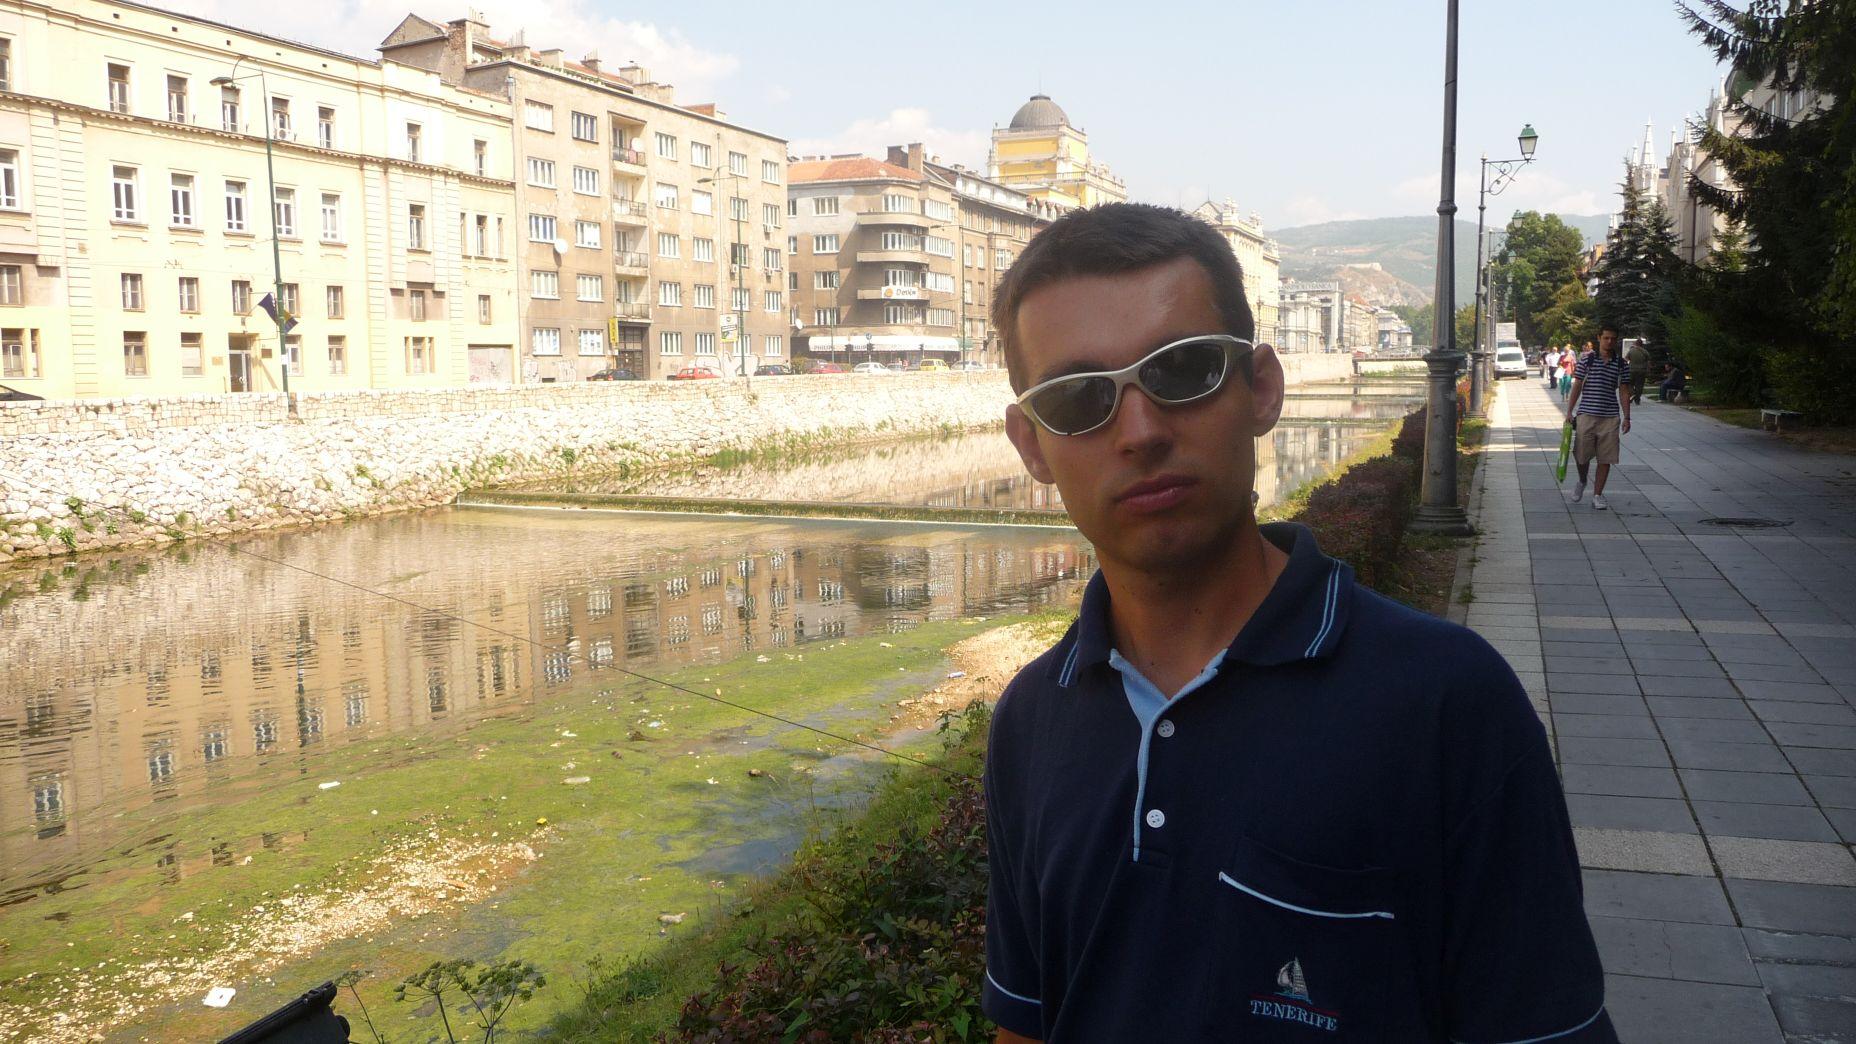 Bośnia i hercegowina - Sarajewo - zdjęcia, atrakcje